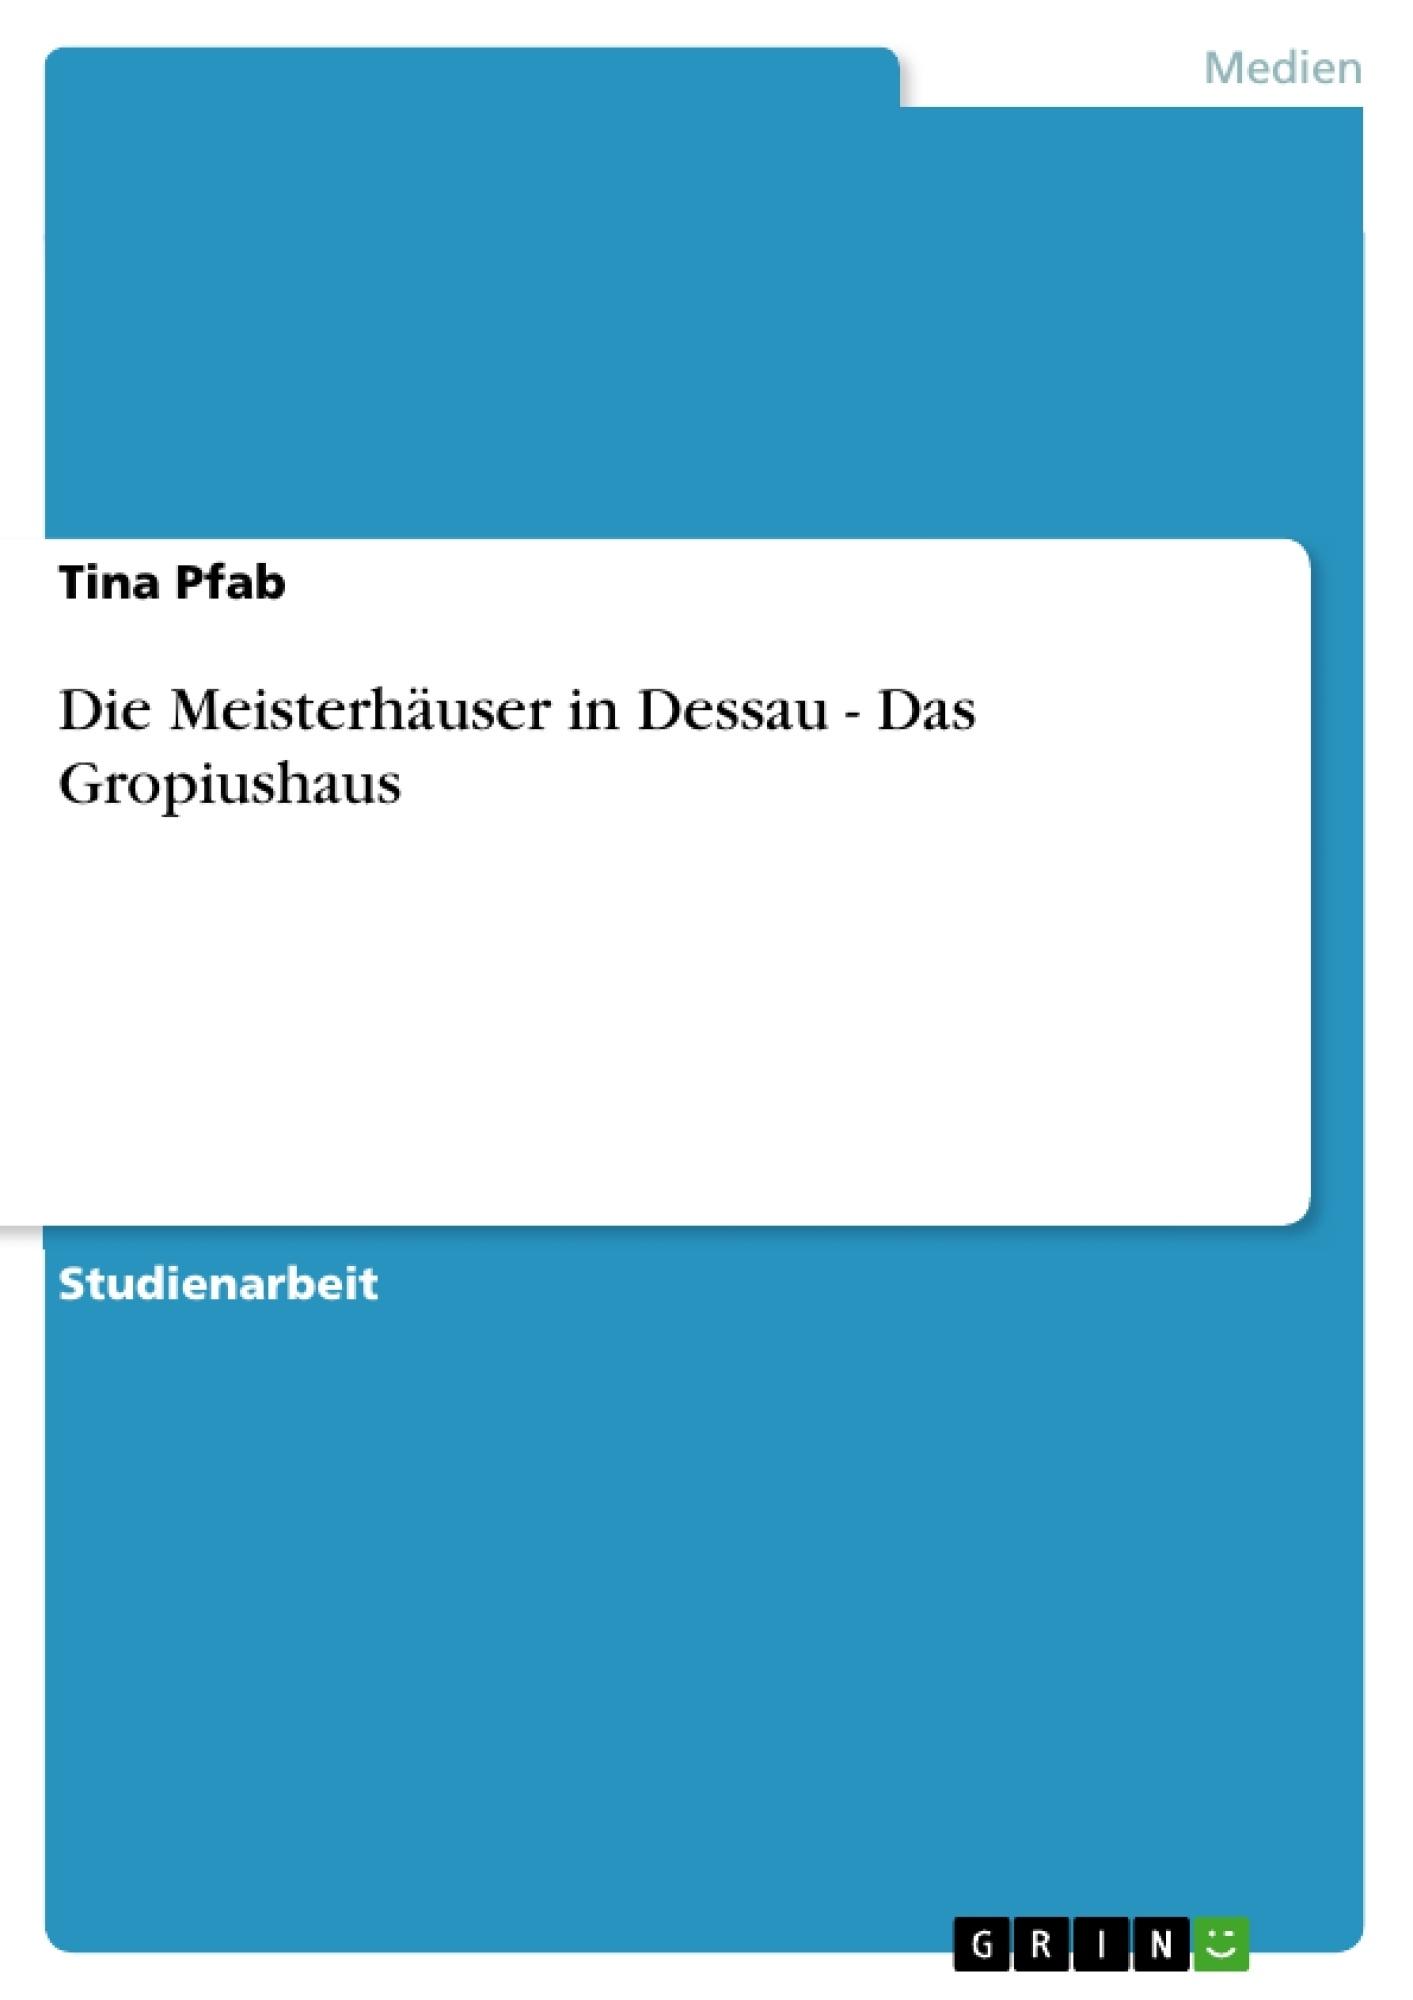 Titel: Die Meisterhäuser in Dessau - Das Gropiushaus